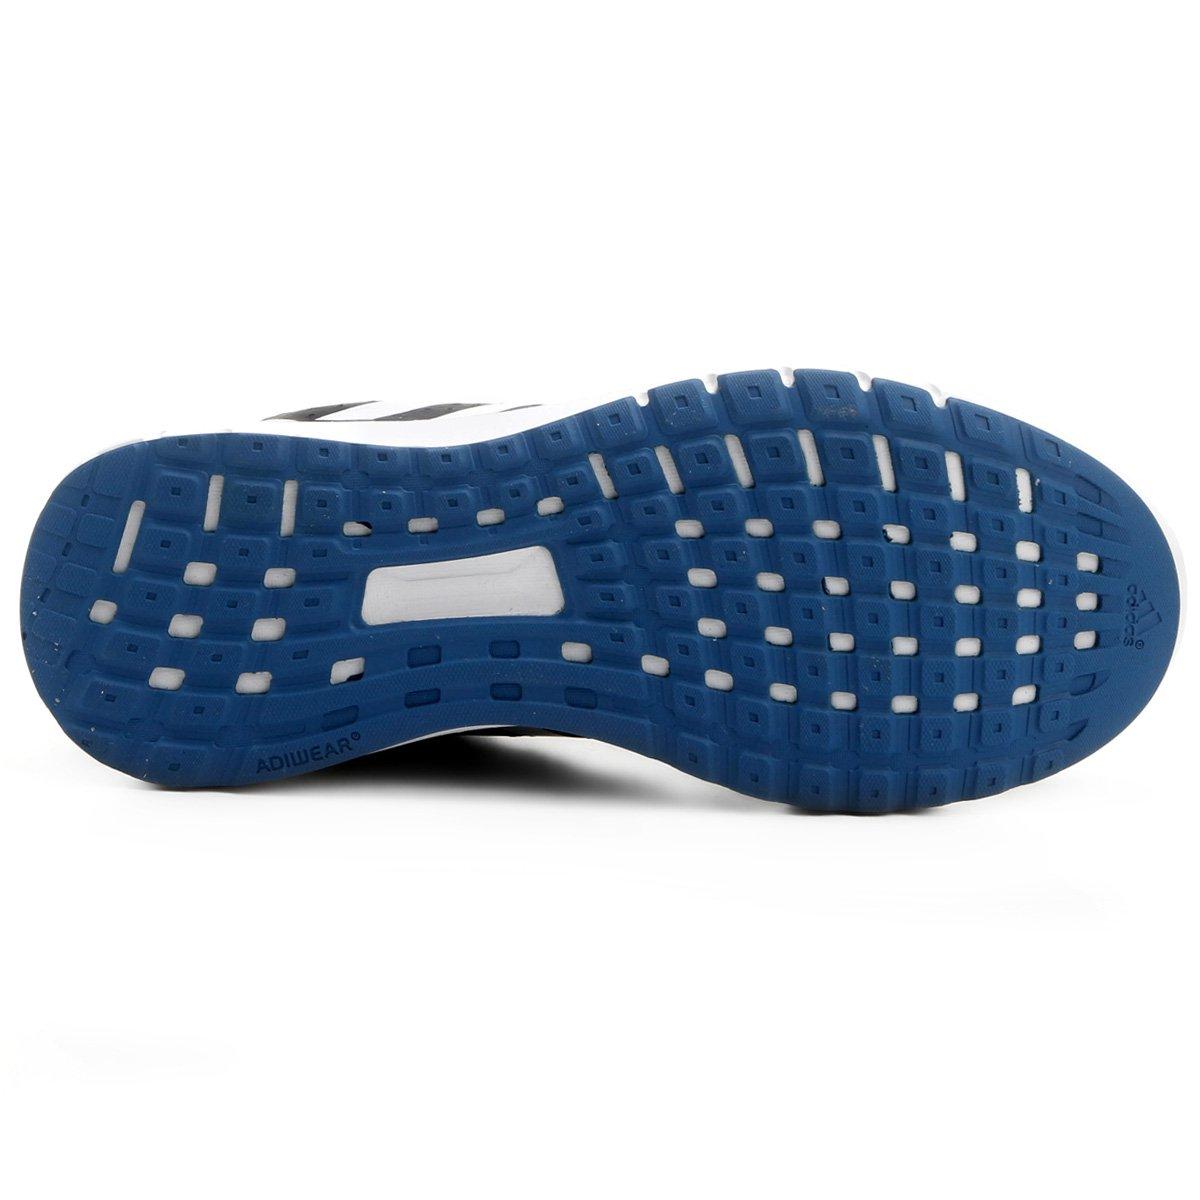 4d01b525ce Tênis Adidas Duramo 7 Feminino - Preto e Azul - Compre Agora